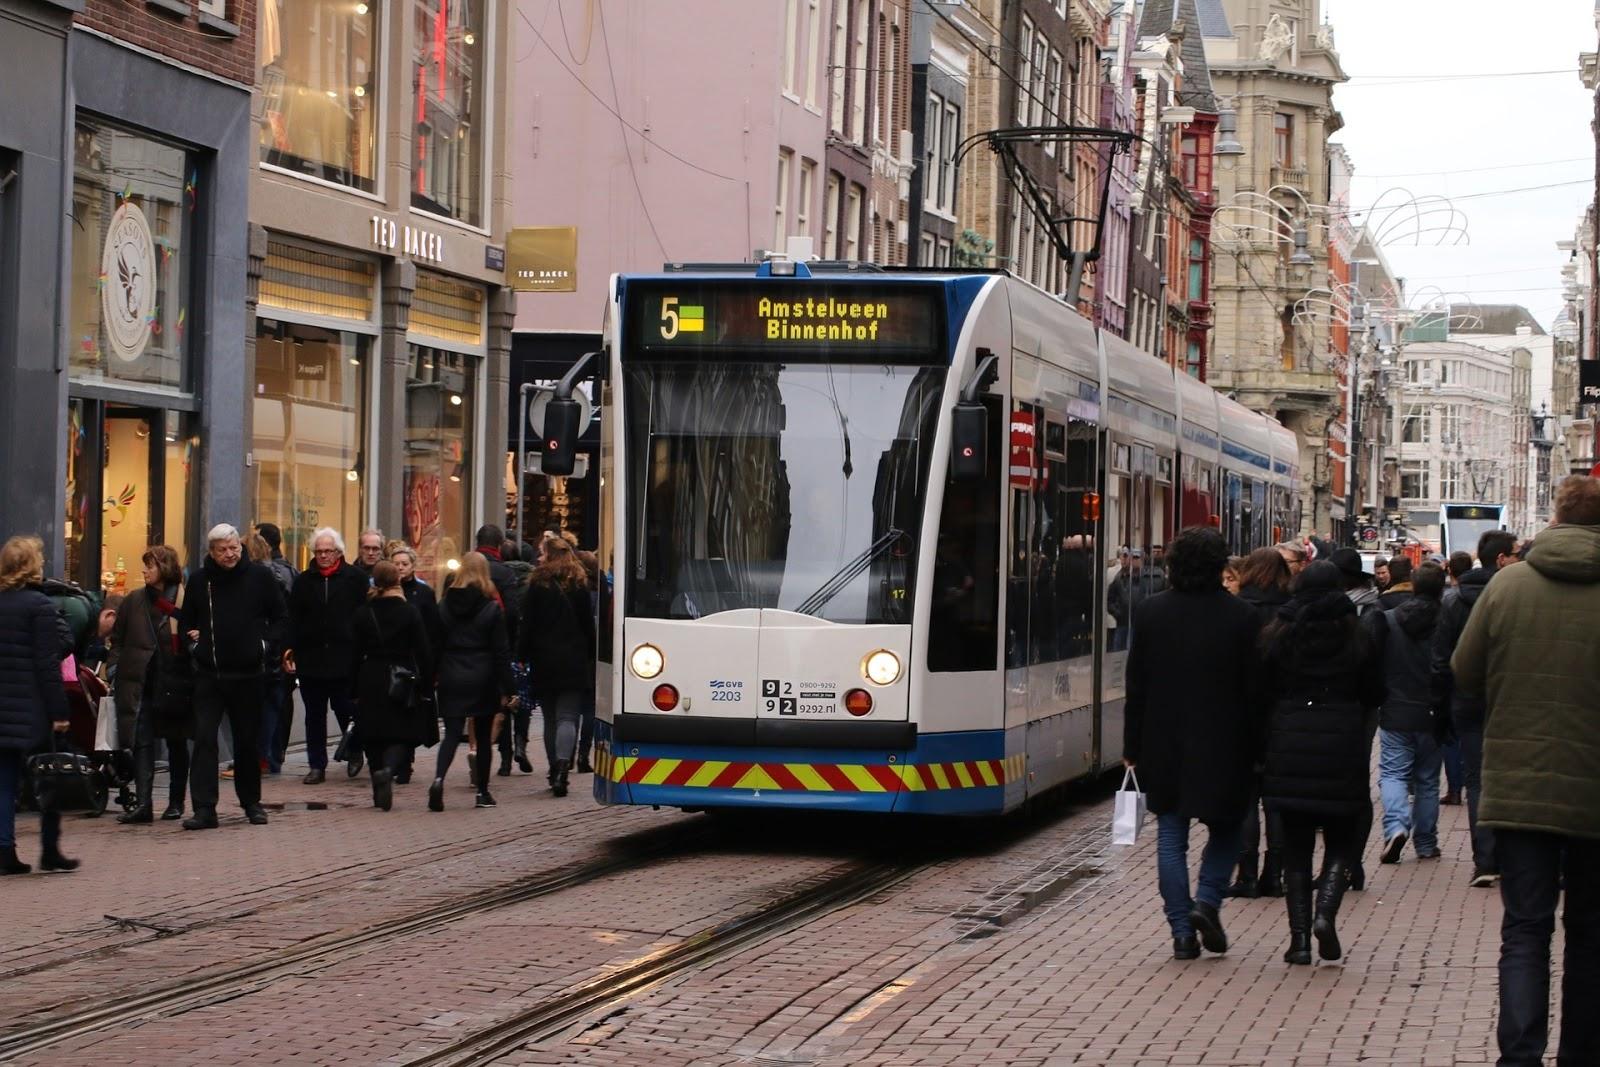 Komunikacja miejska w Amsterdamie